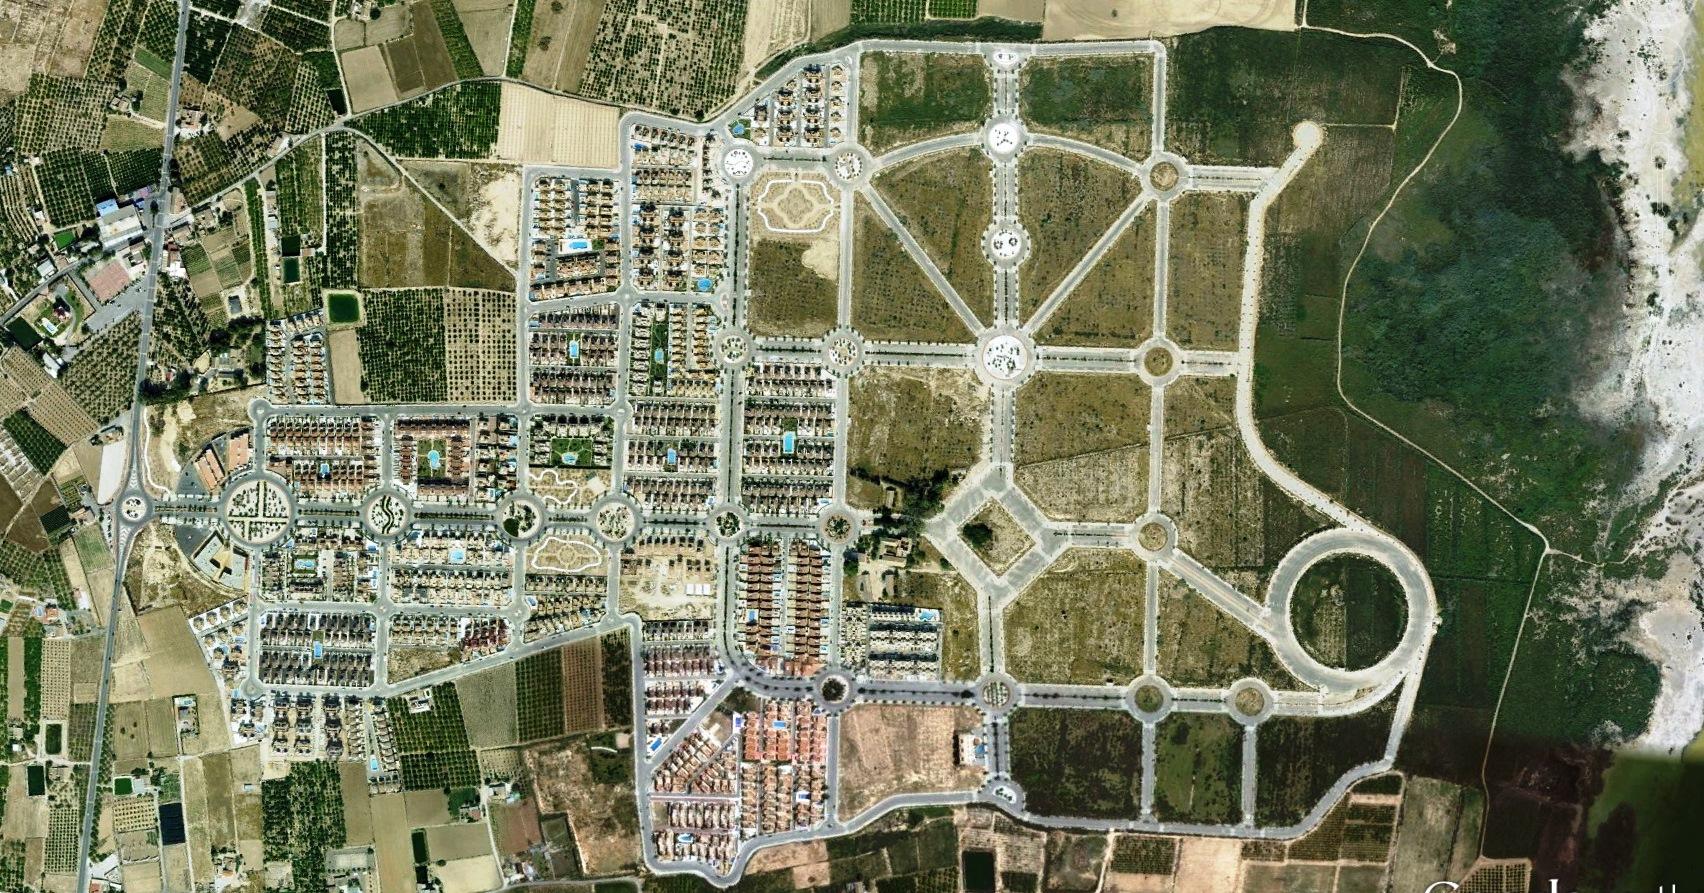 después, urbanismo, foto aérea,desastre, urbanístico, planeamiento, urbano, construcción,, campos de golf, Guardamar del Segura, Alicante